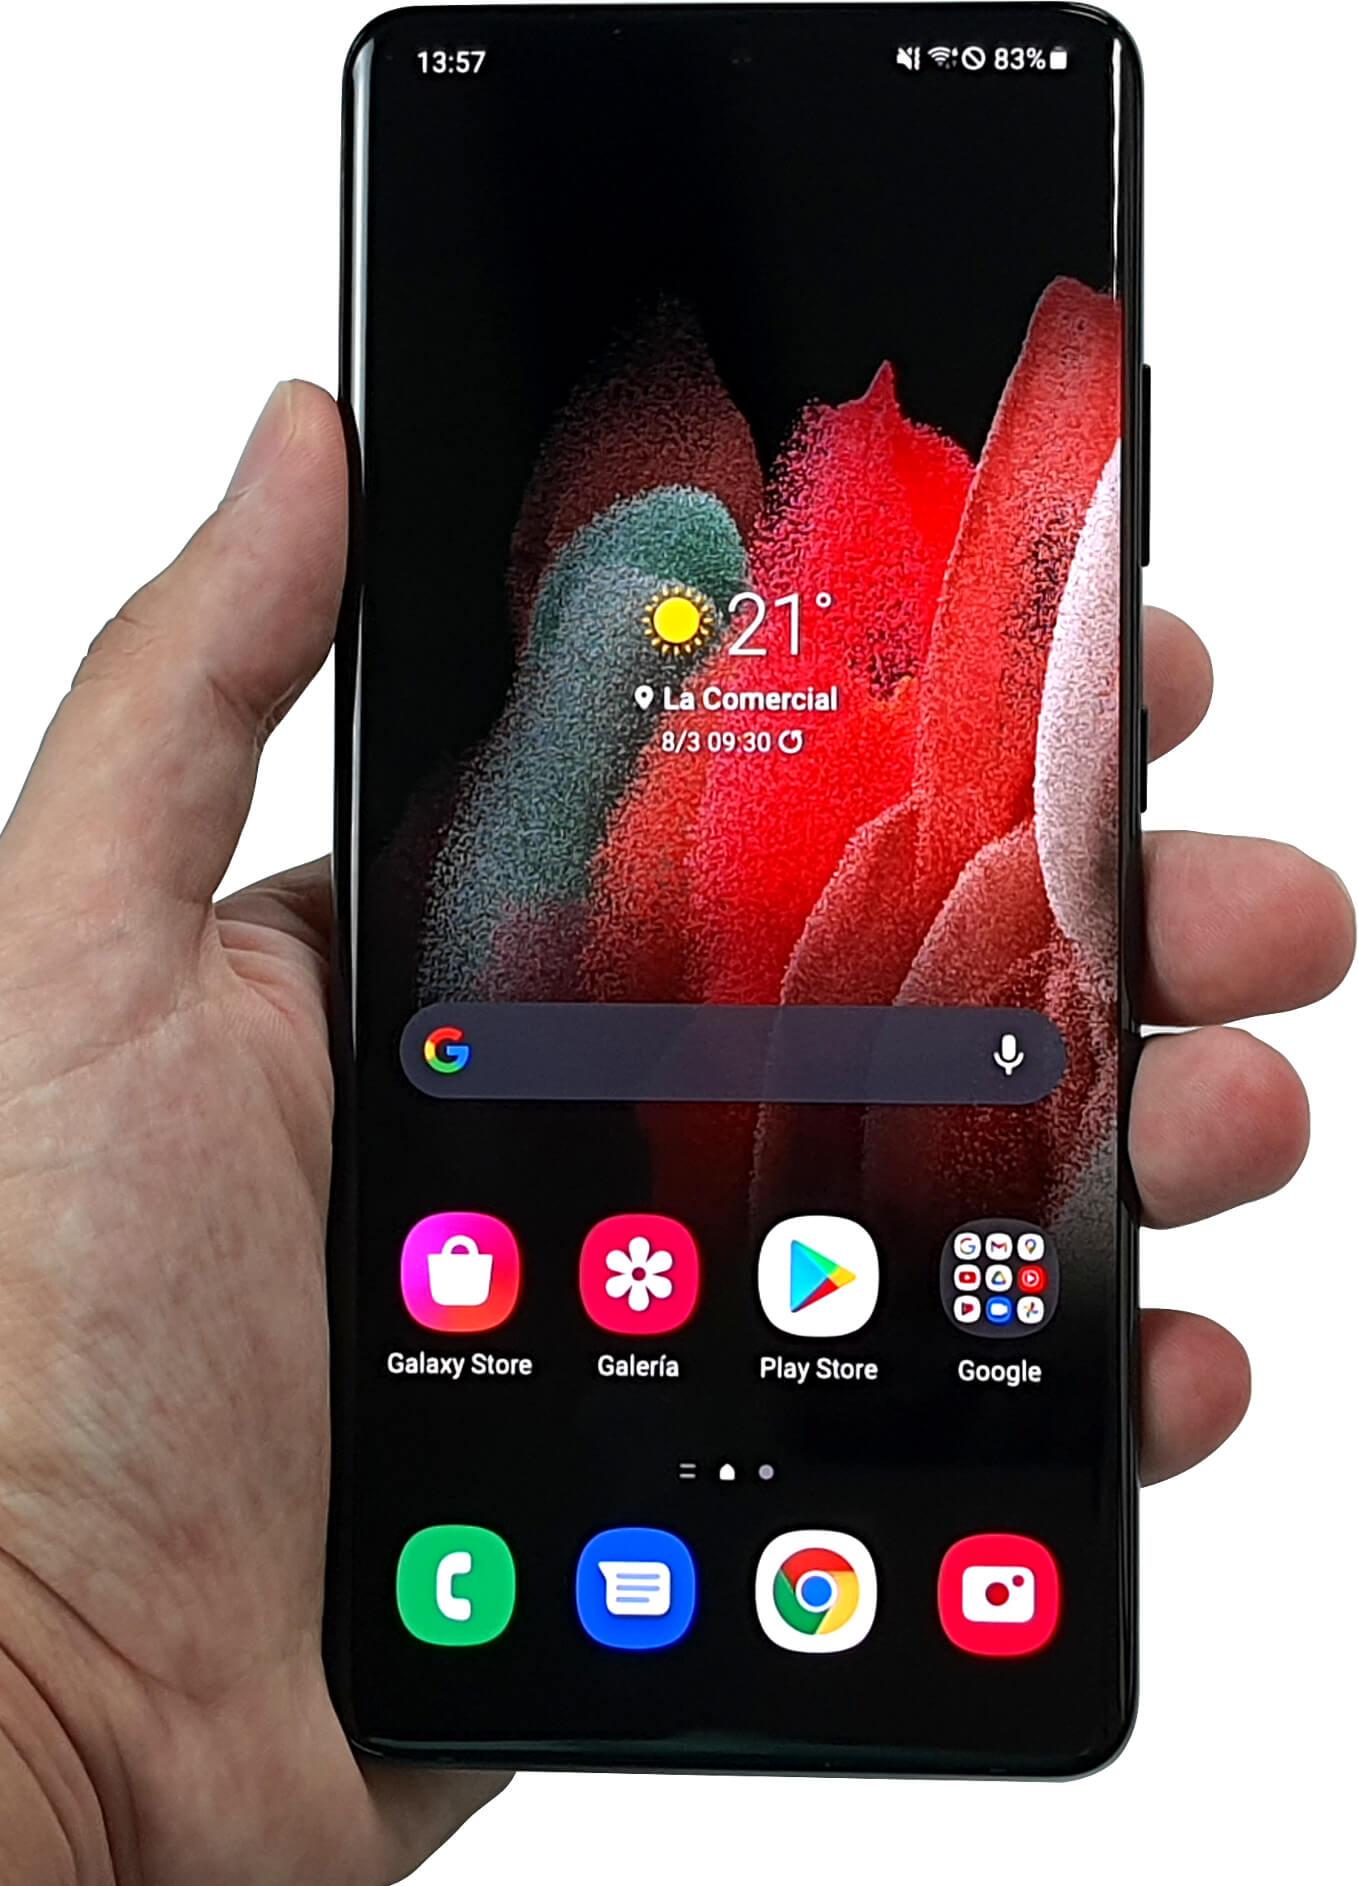 Samsung Galaxy S21 Ultra en mano.